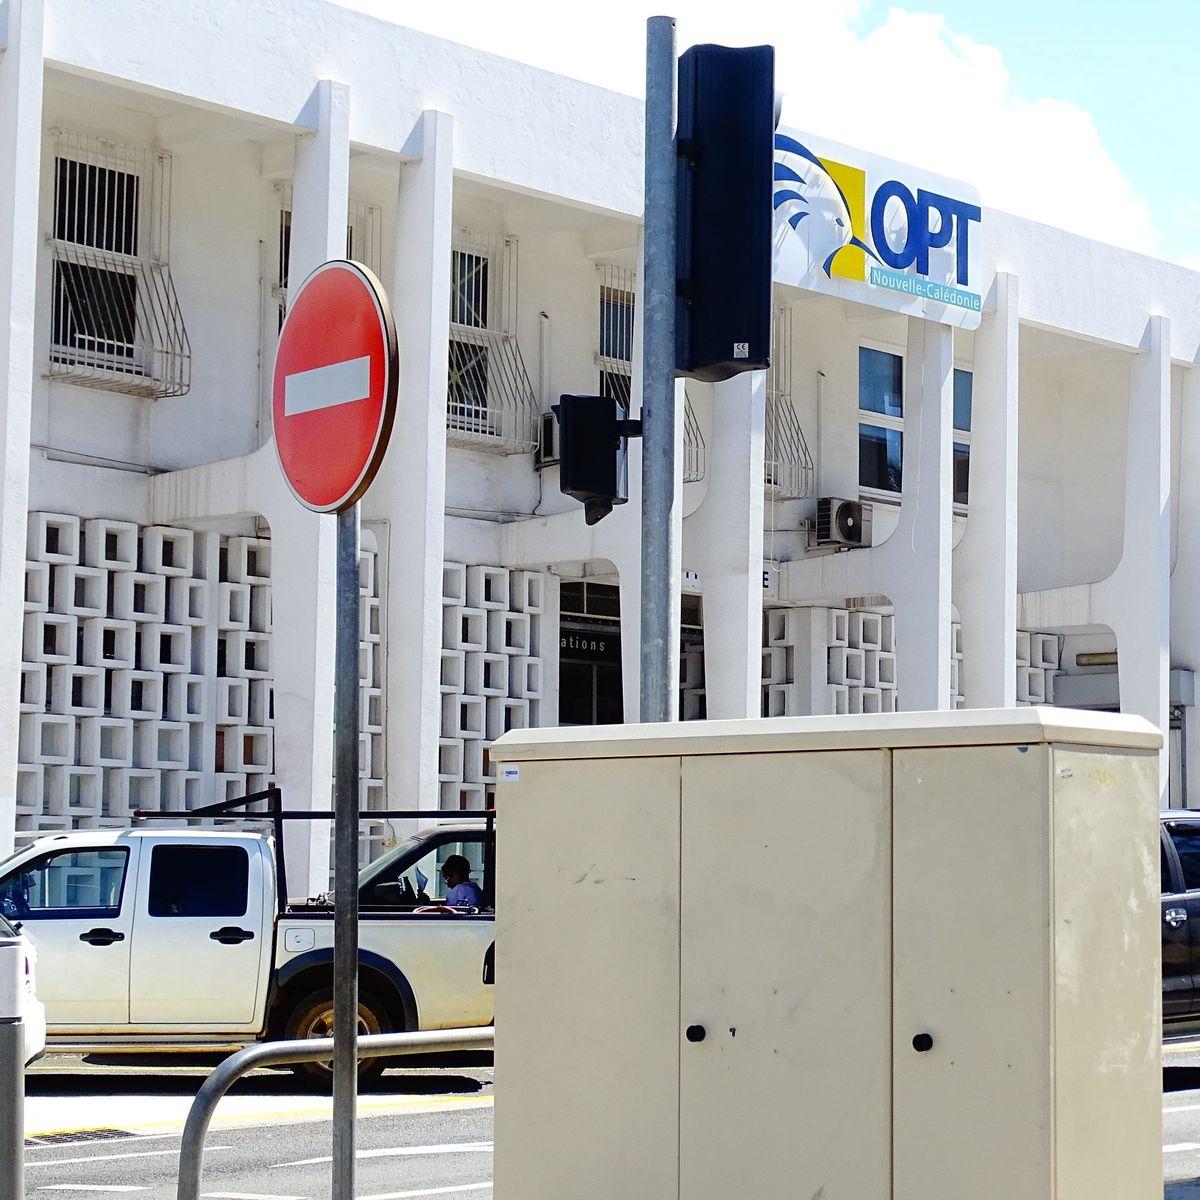 Nouvelle-Calédonie: L'OPT dévoile sa stratégie de déploiement du très haut débit mobile